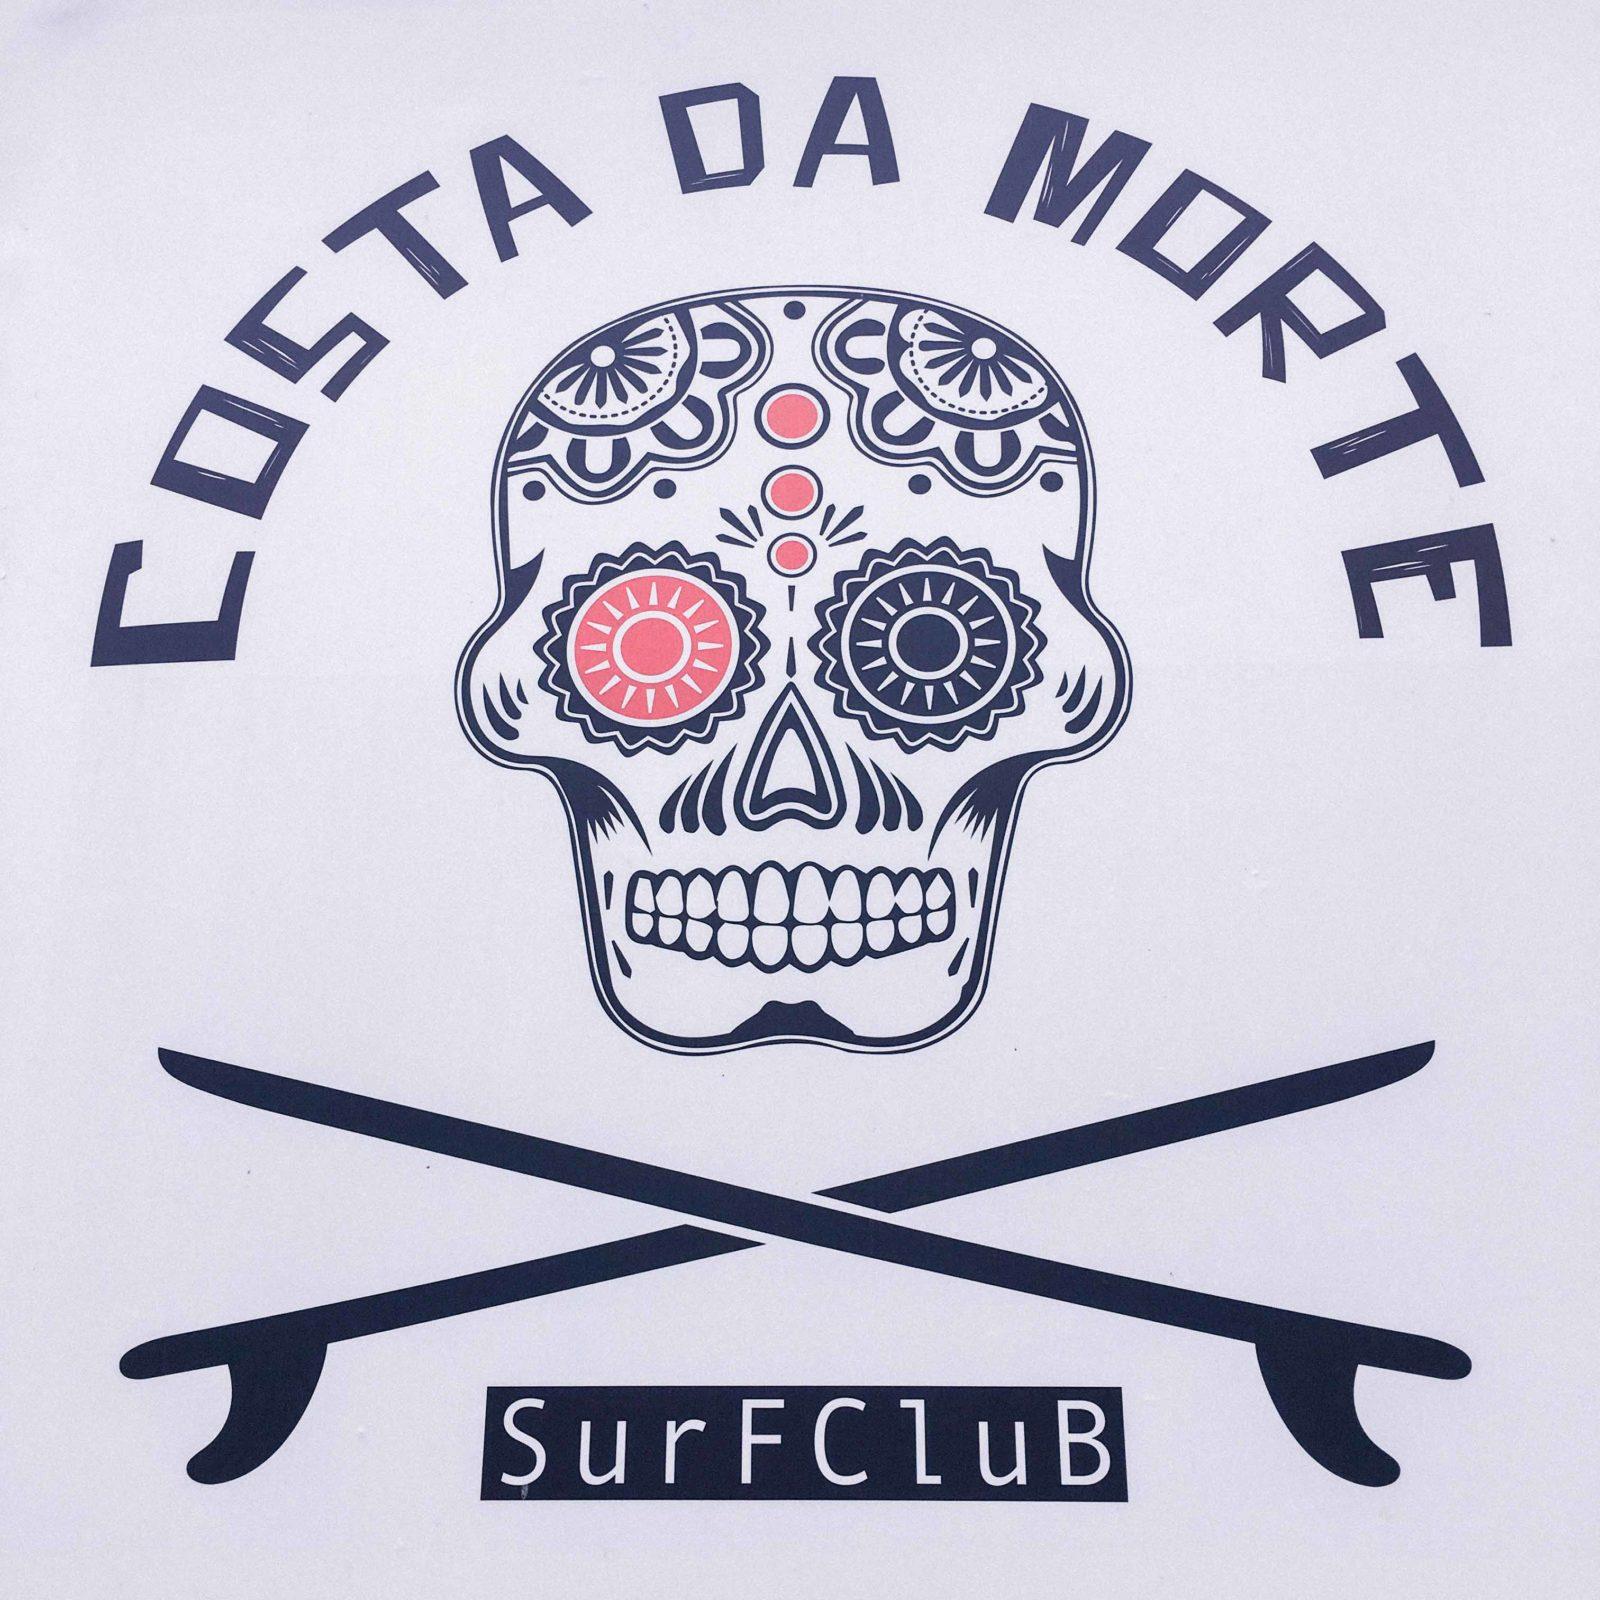 costa_da_morte_surf_club-19